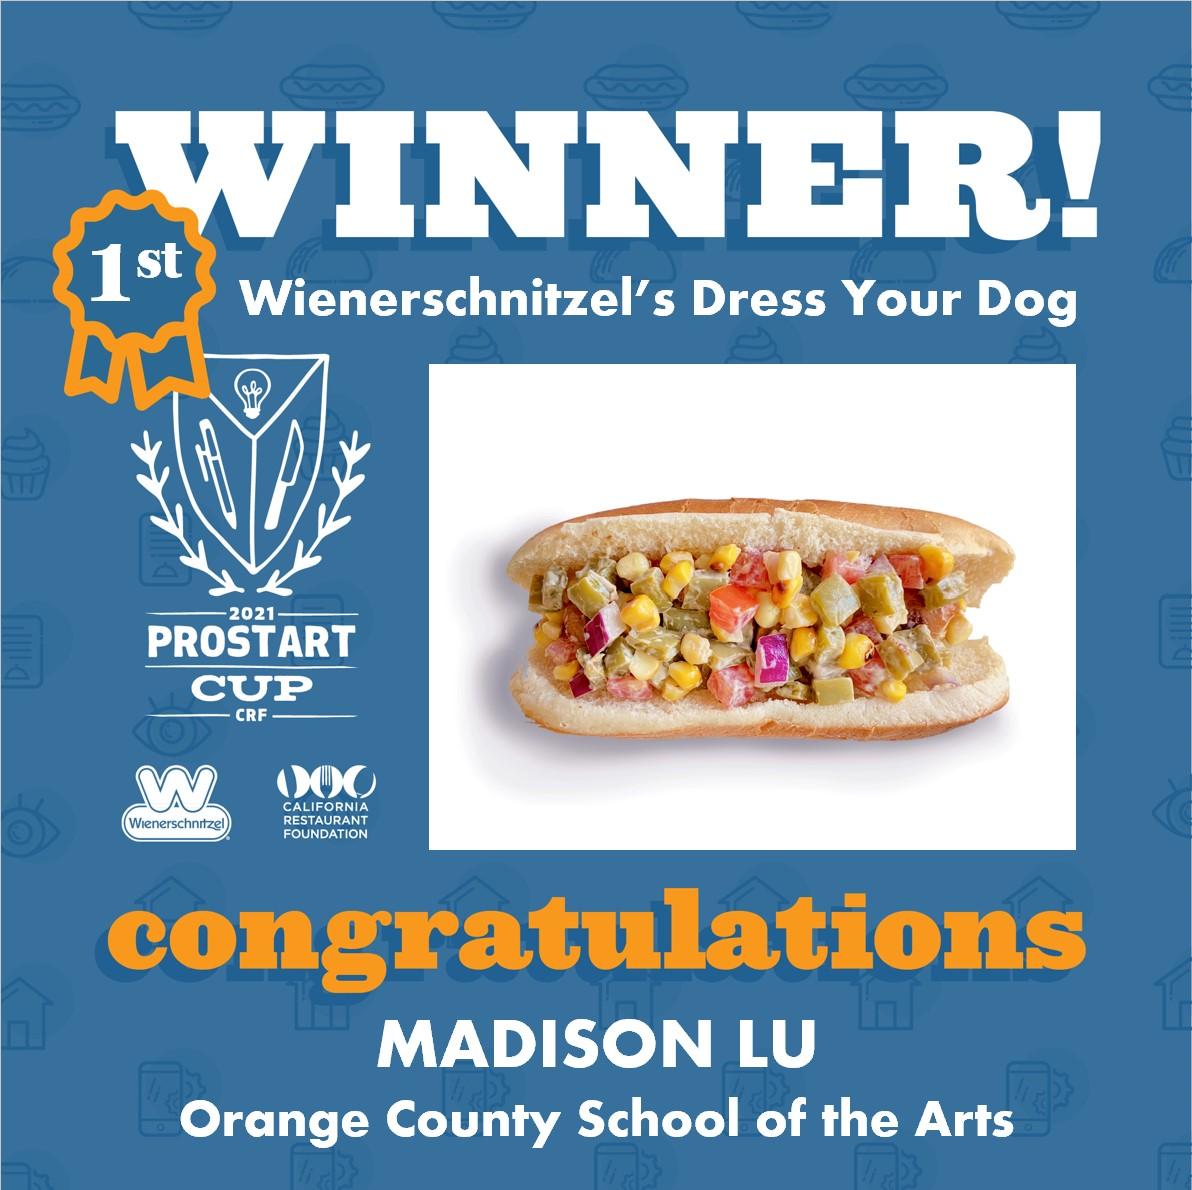 2021 ProStart Winner - Hot dog